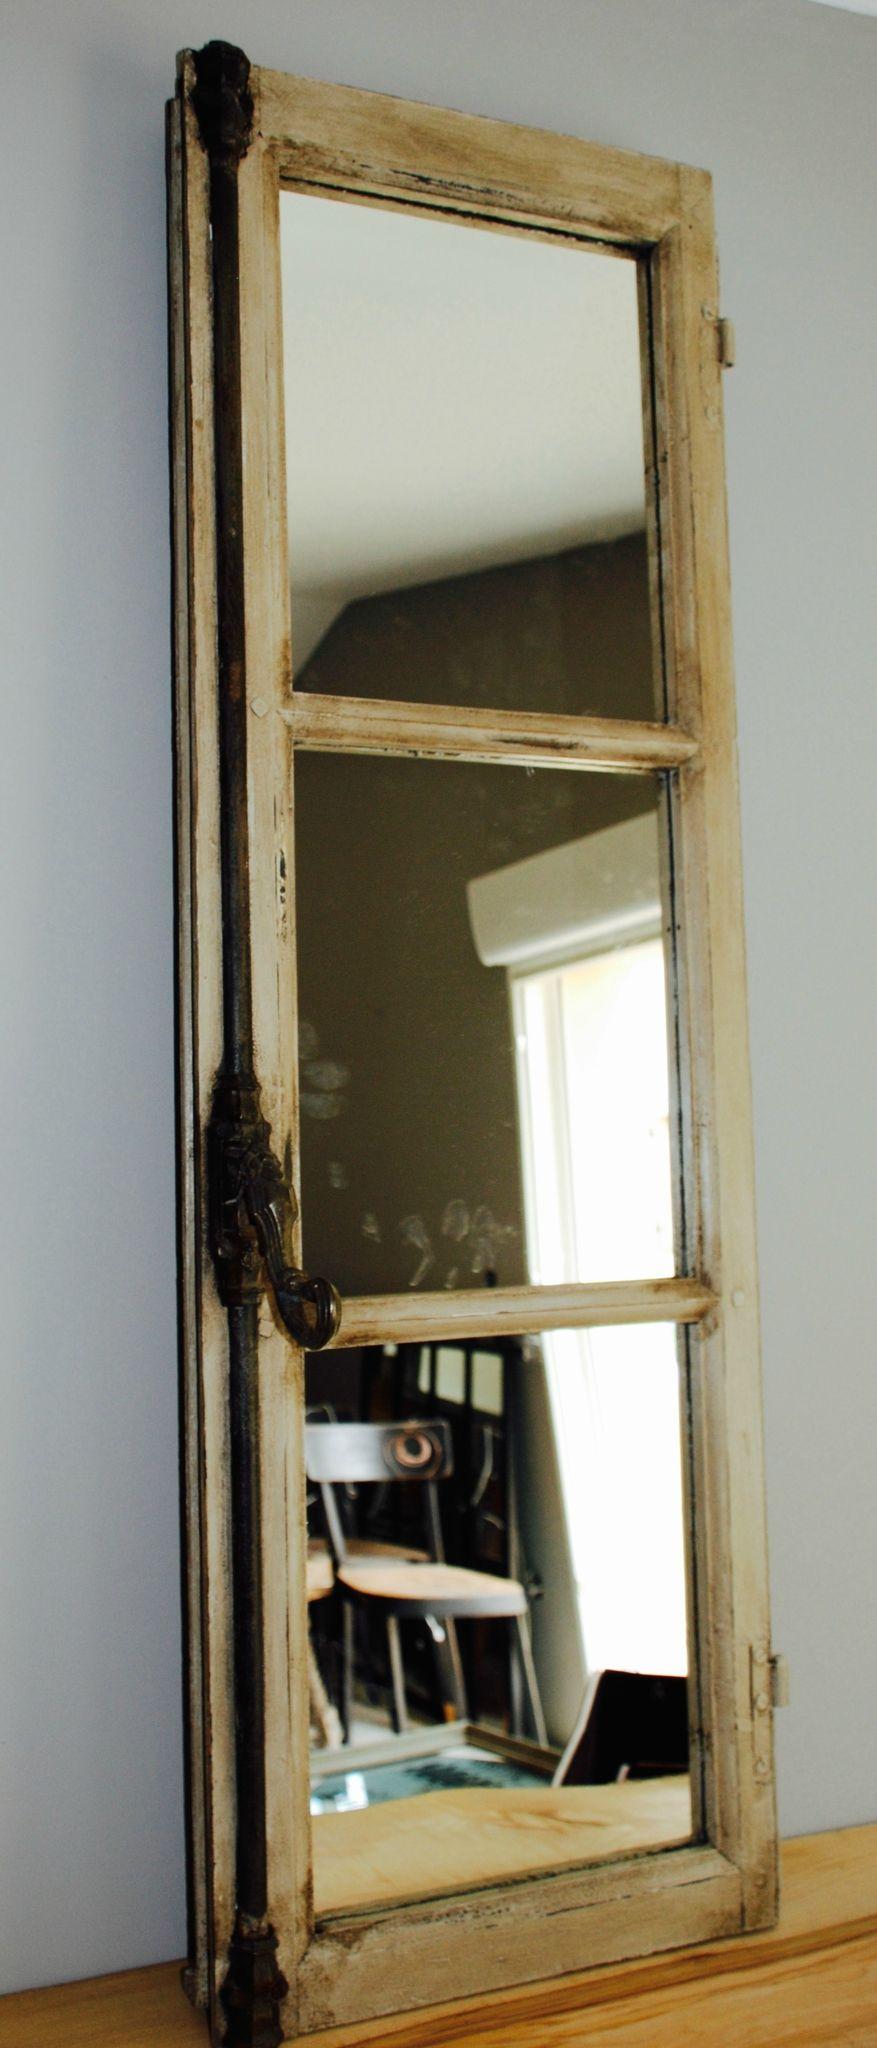 Miroir fen tre d co accrocher for Fenetre miroir decoration